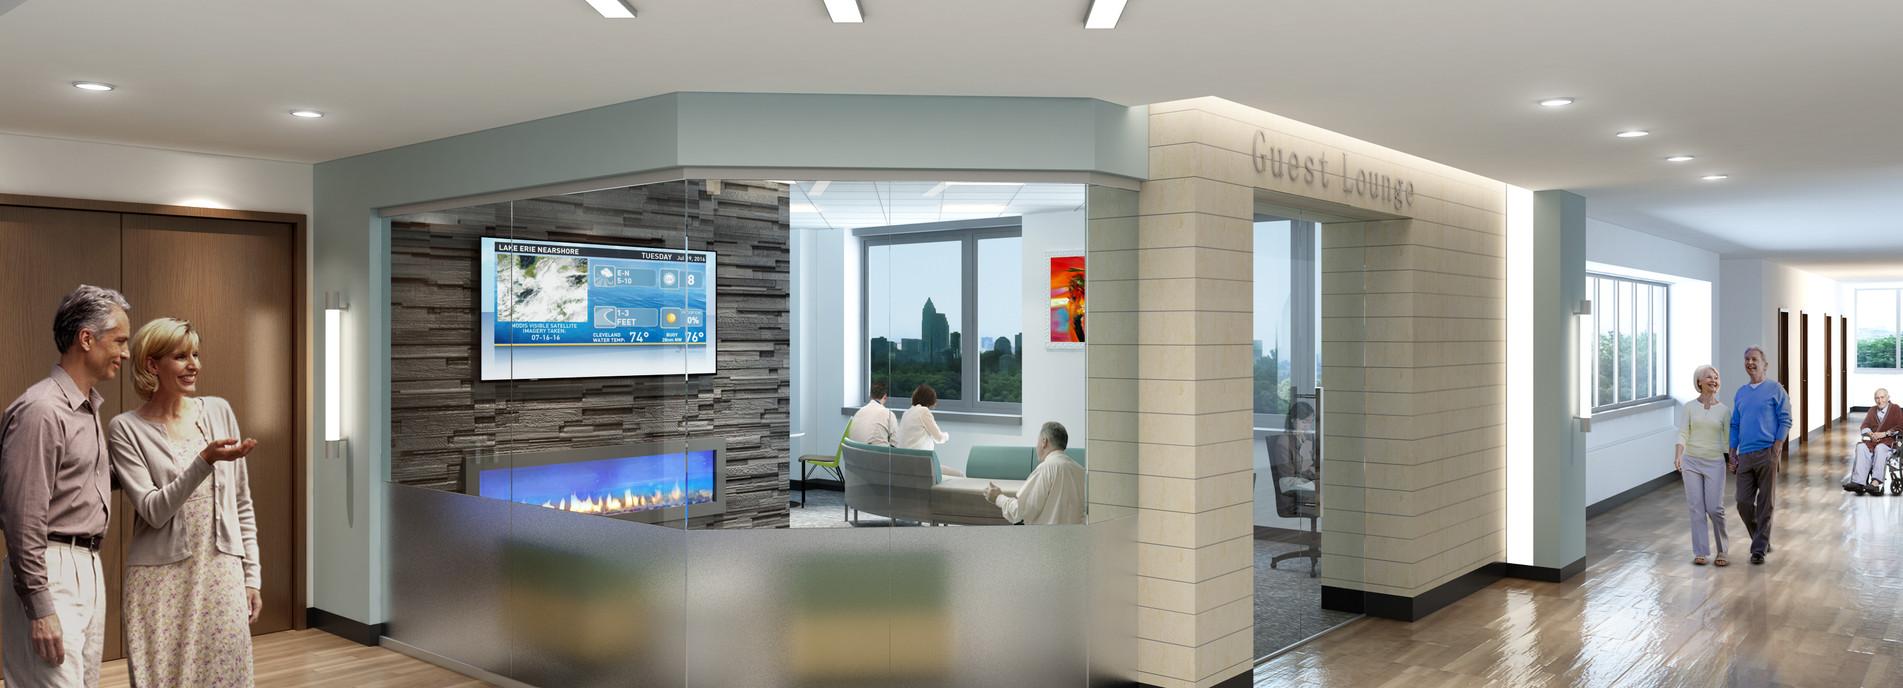 Hospital Family Waiting Area